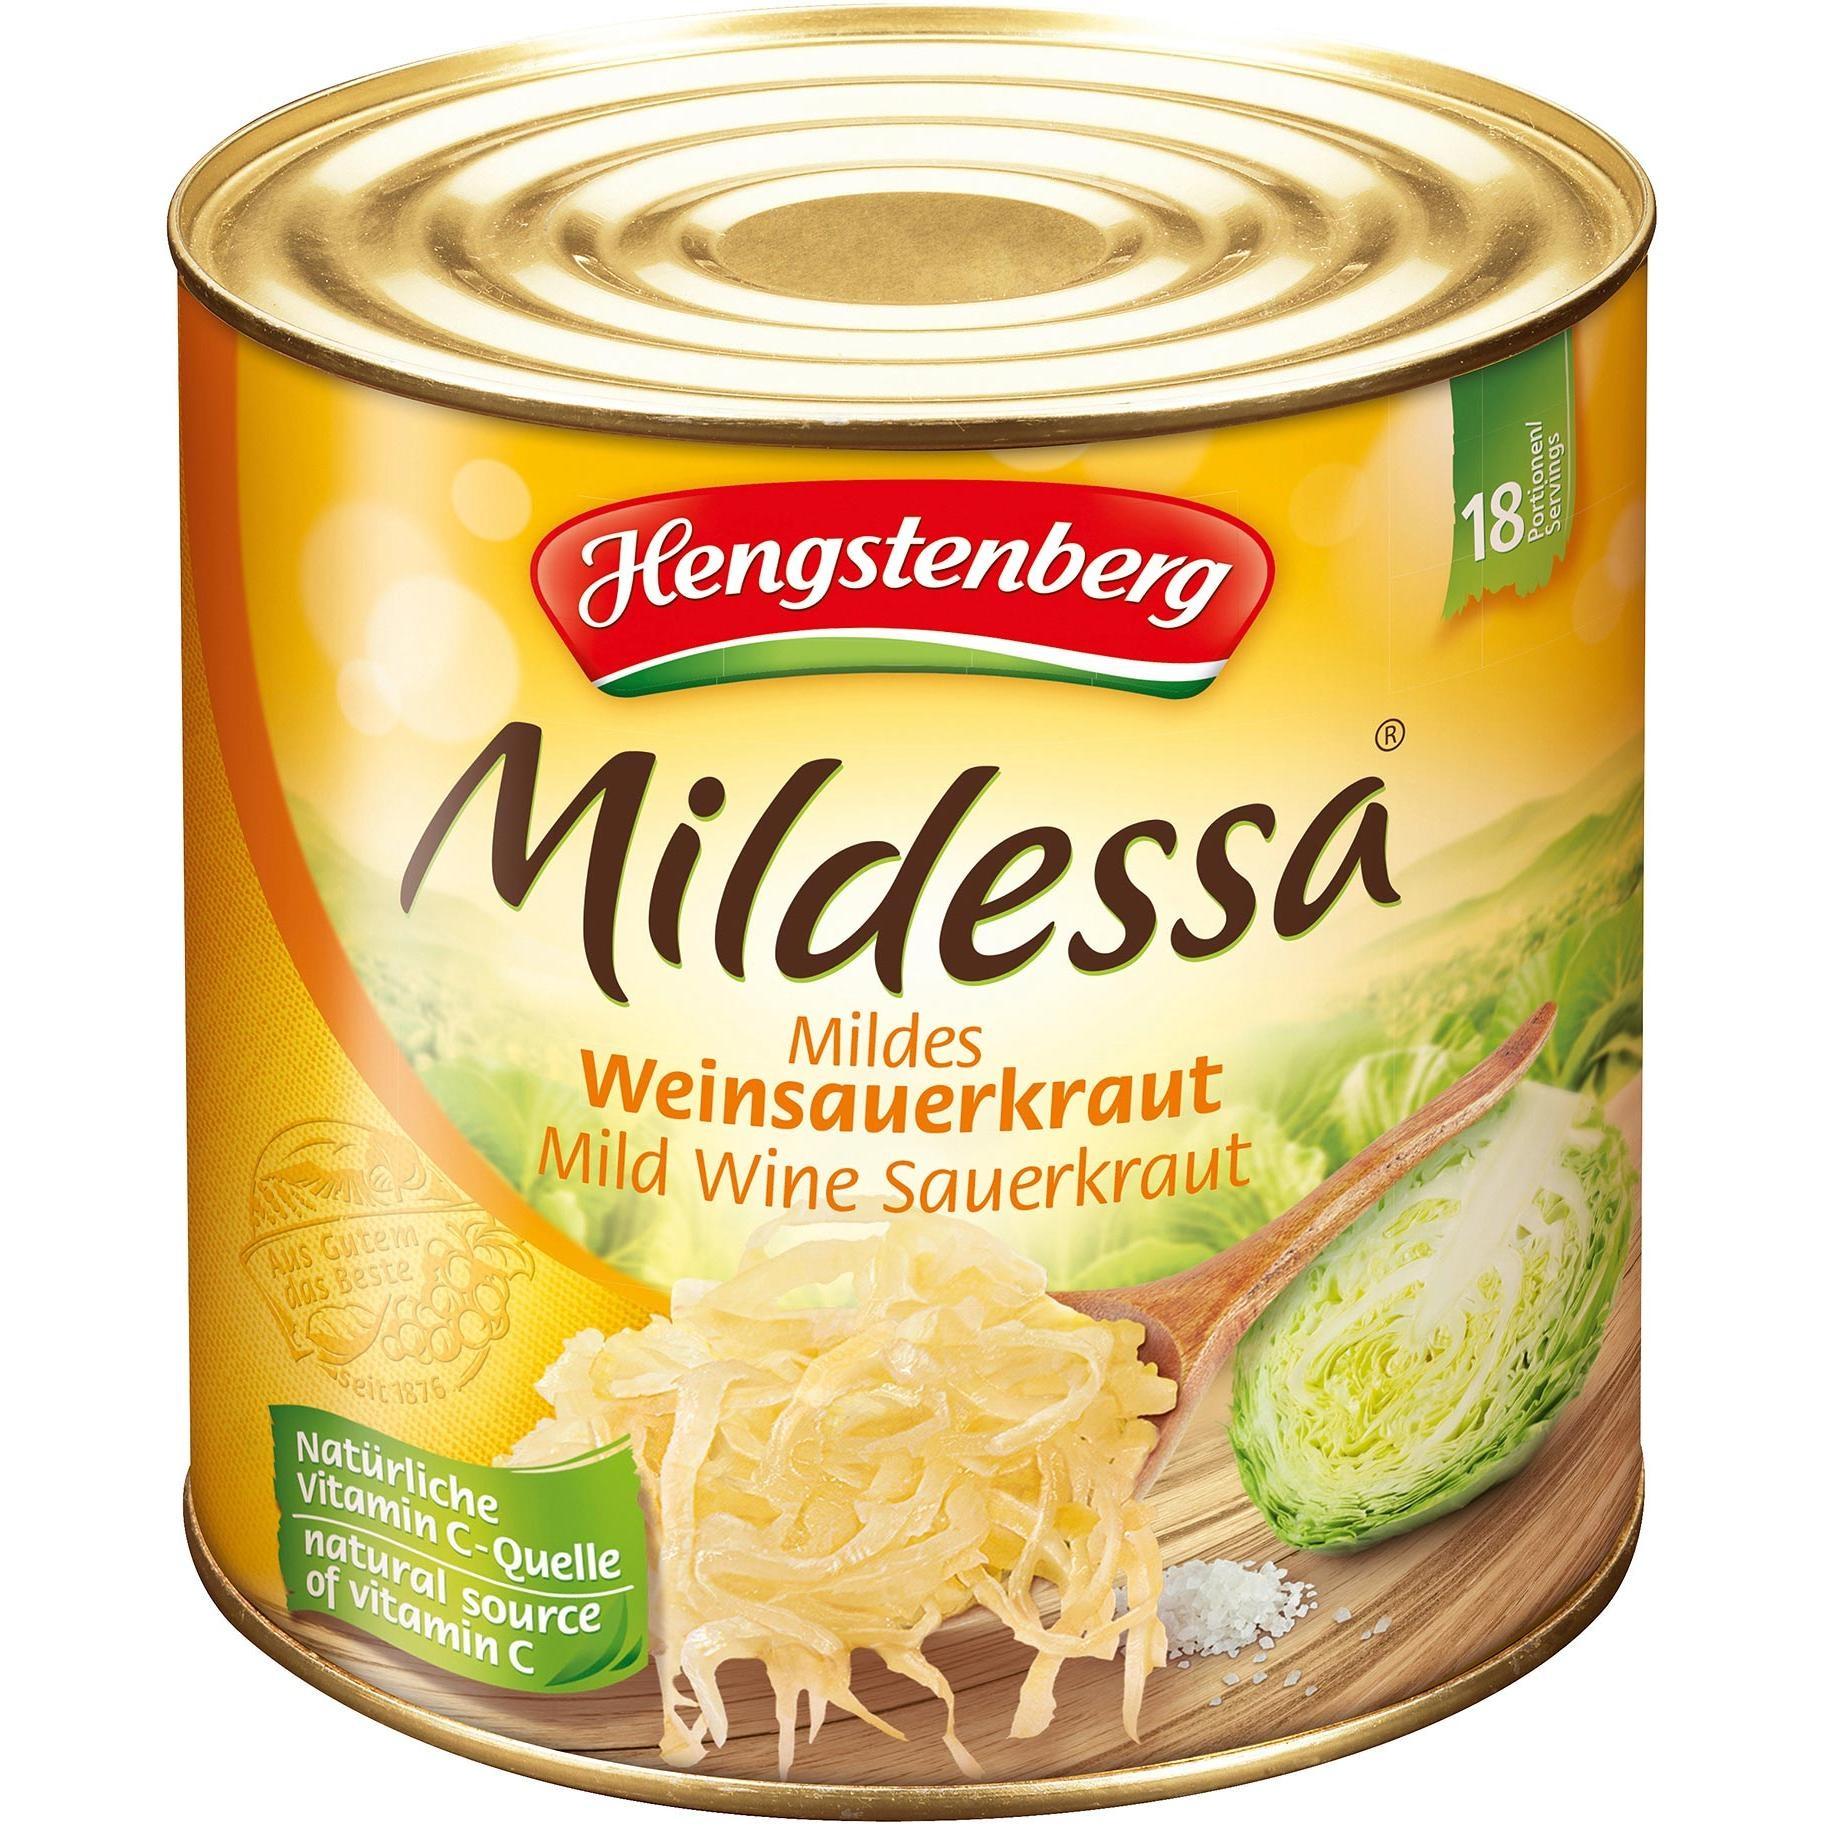 Hengstenberg Mildessa Mildes Weinsauerkraut 2,53kg